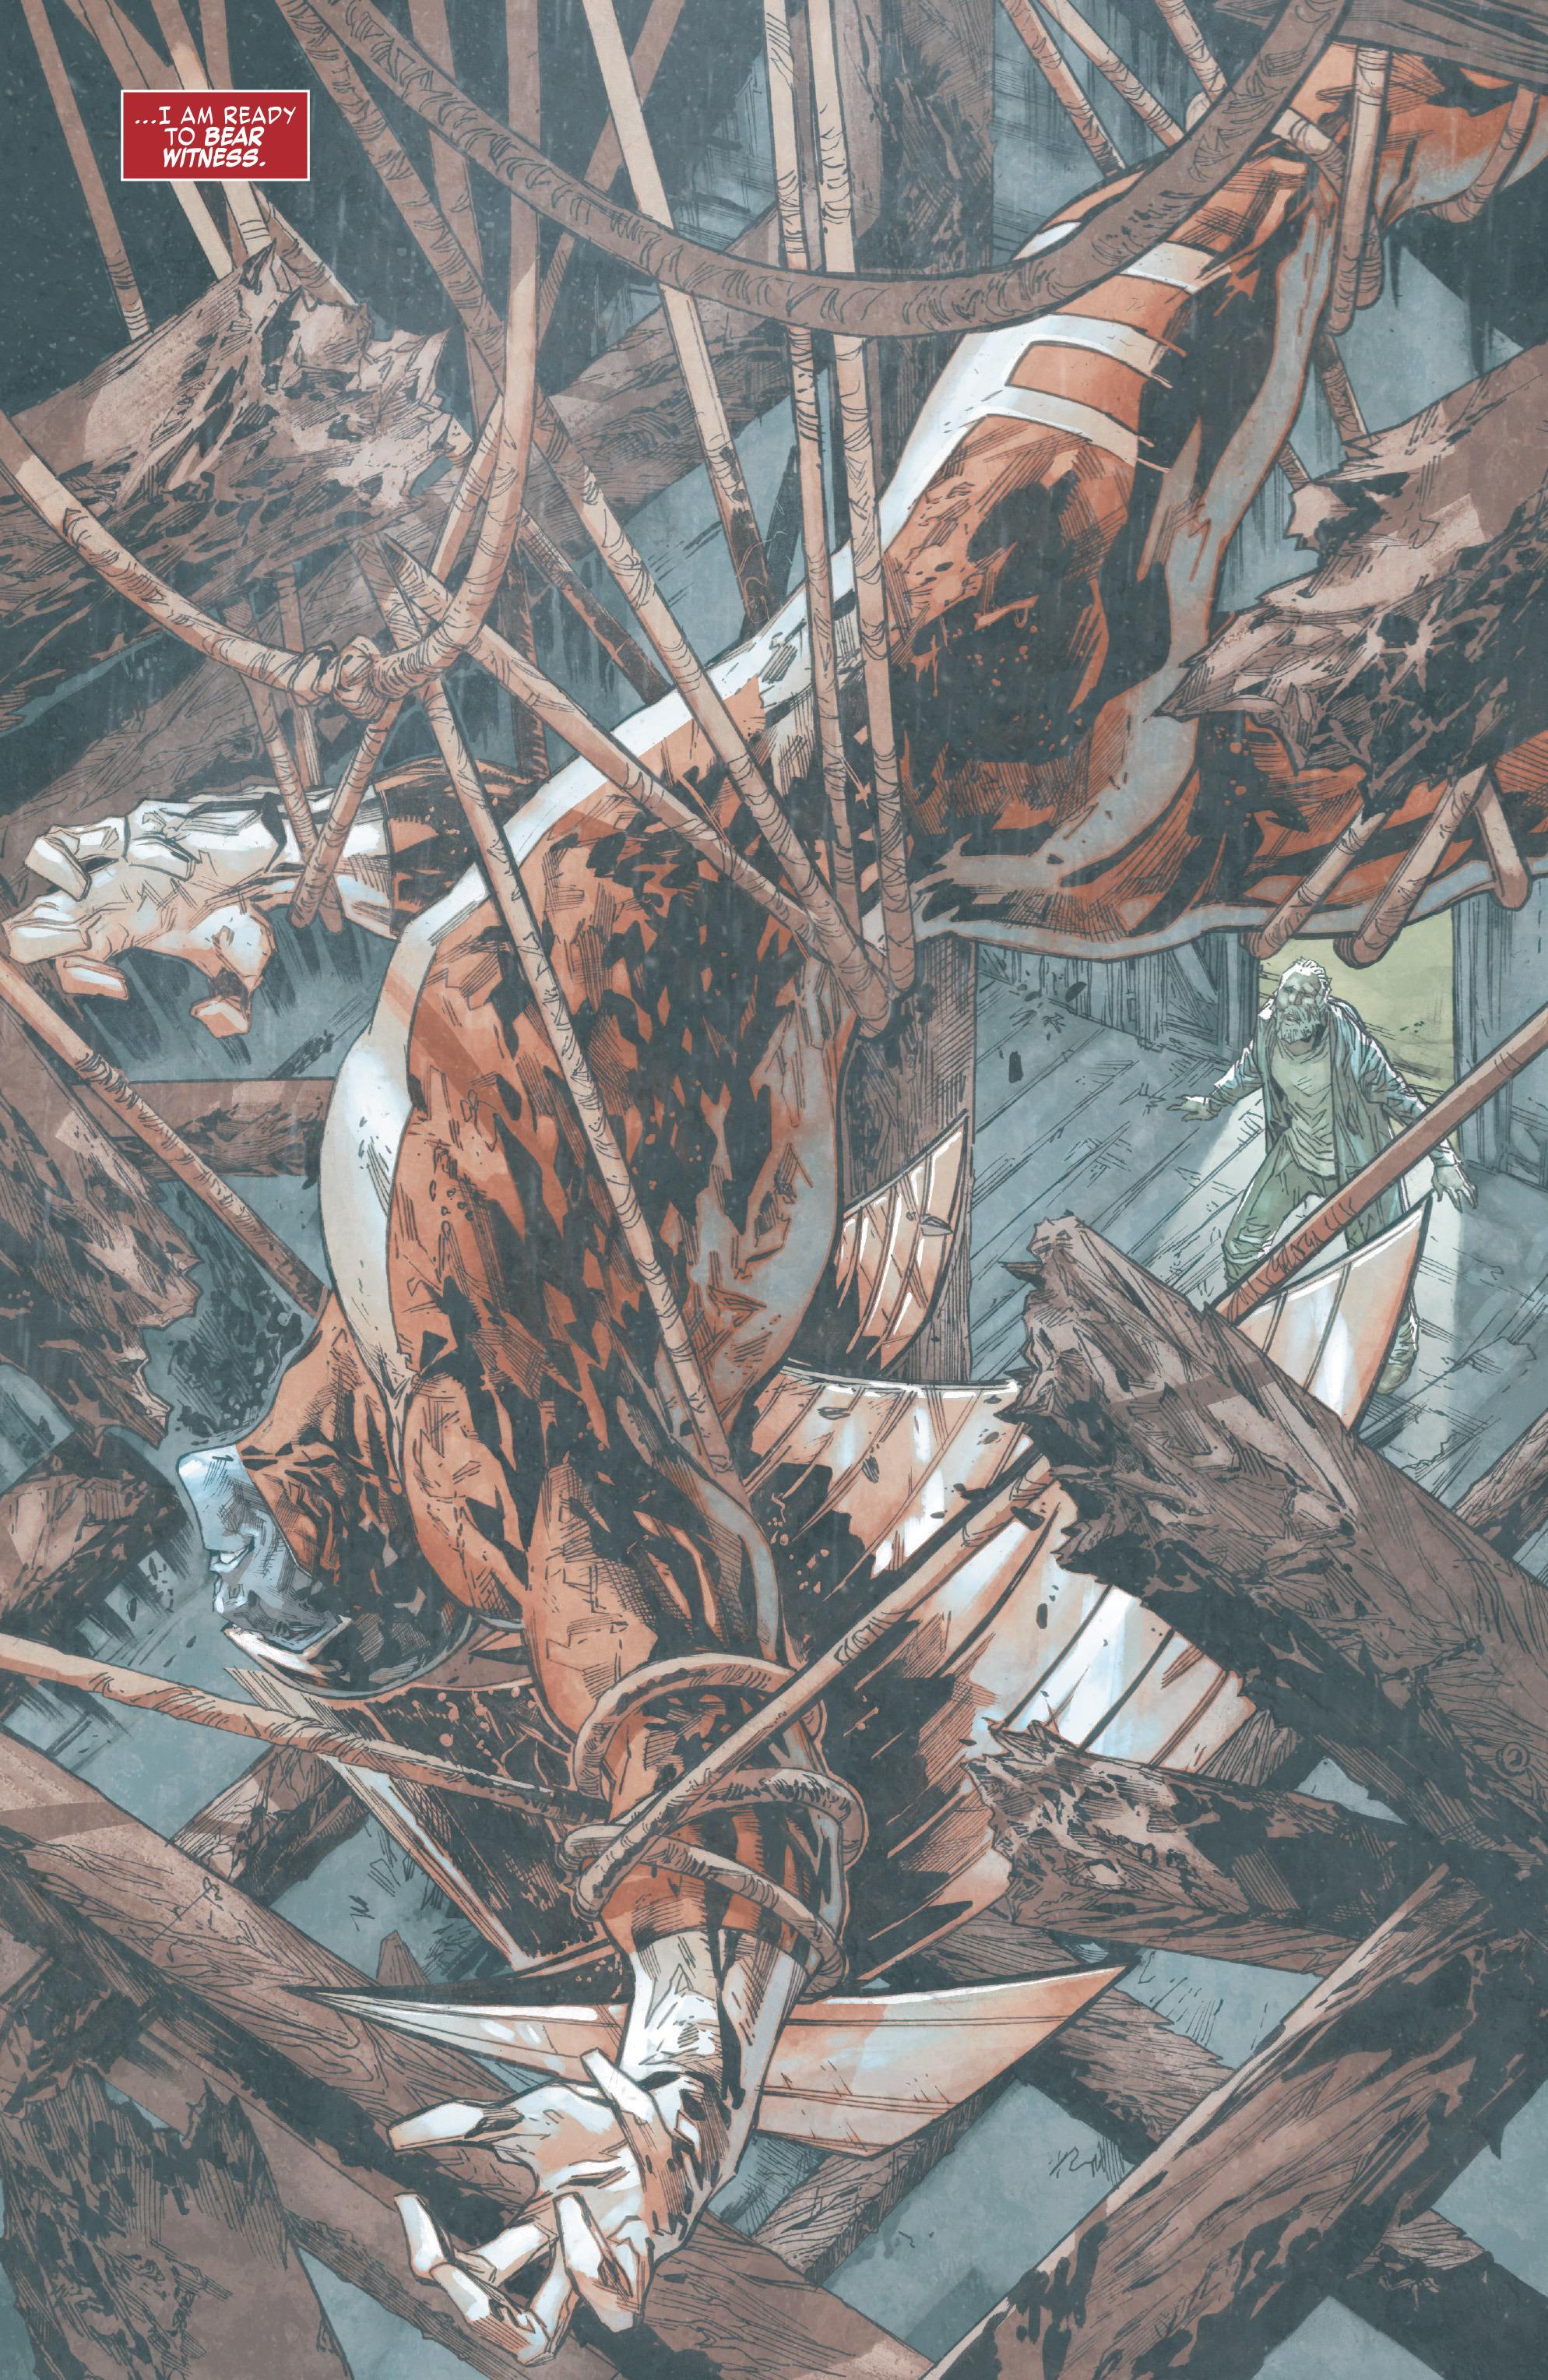 Read online Uncanny X-Men (2016) comic -  Issue #7 - 4